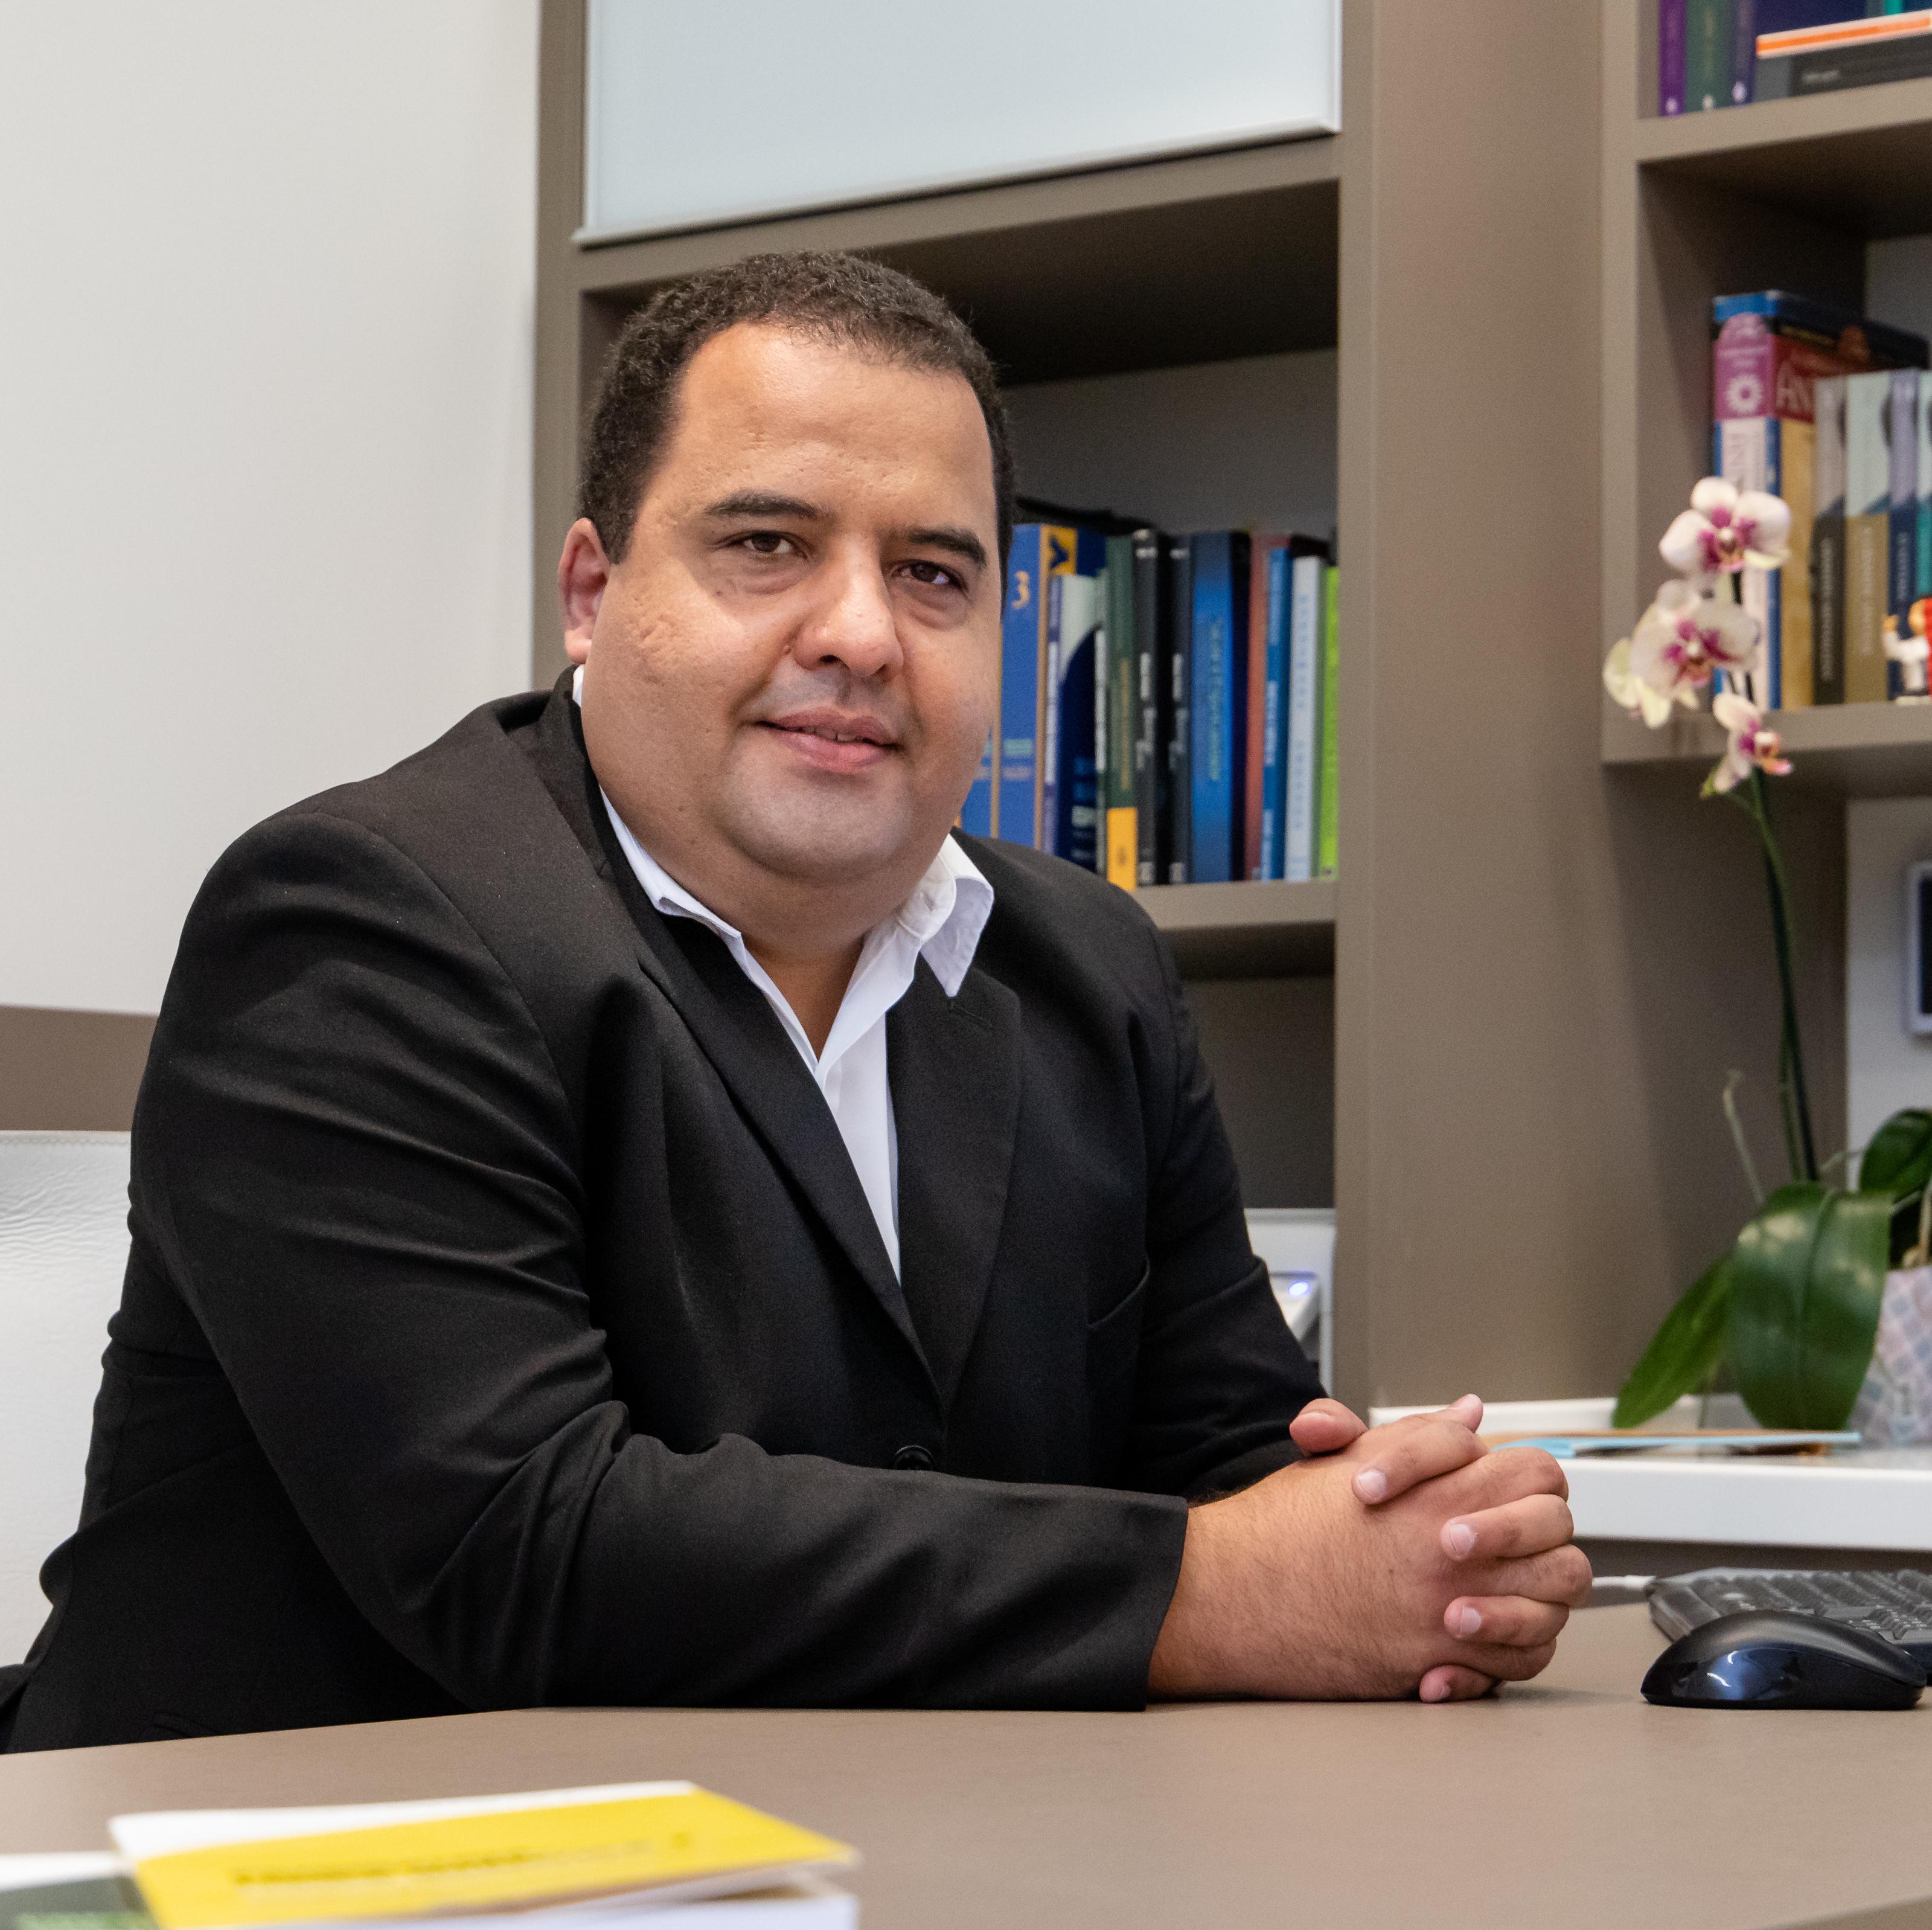 Fabrício Henrique Alves de Oliveira e Oliveira